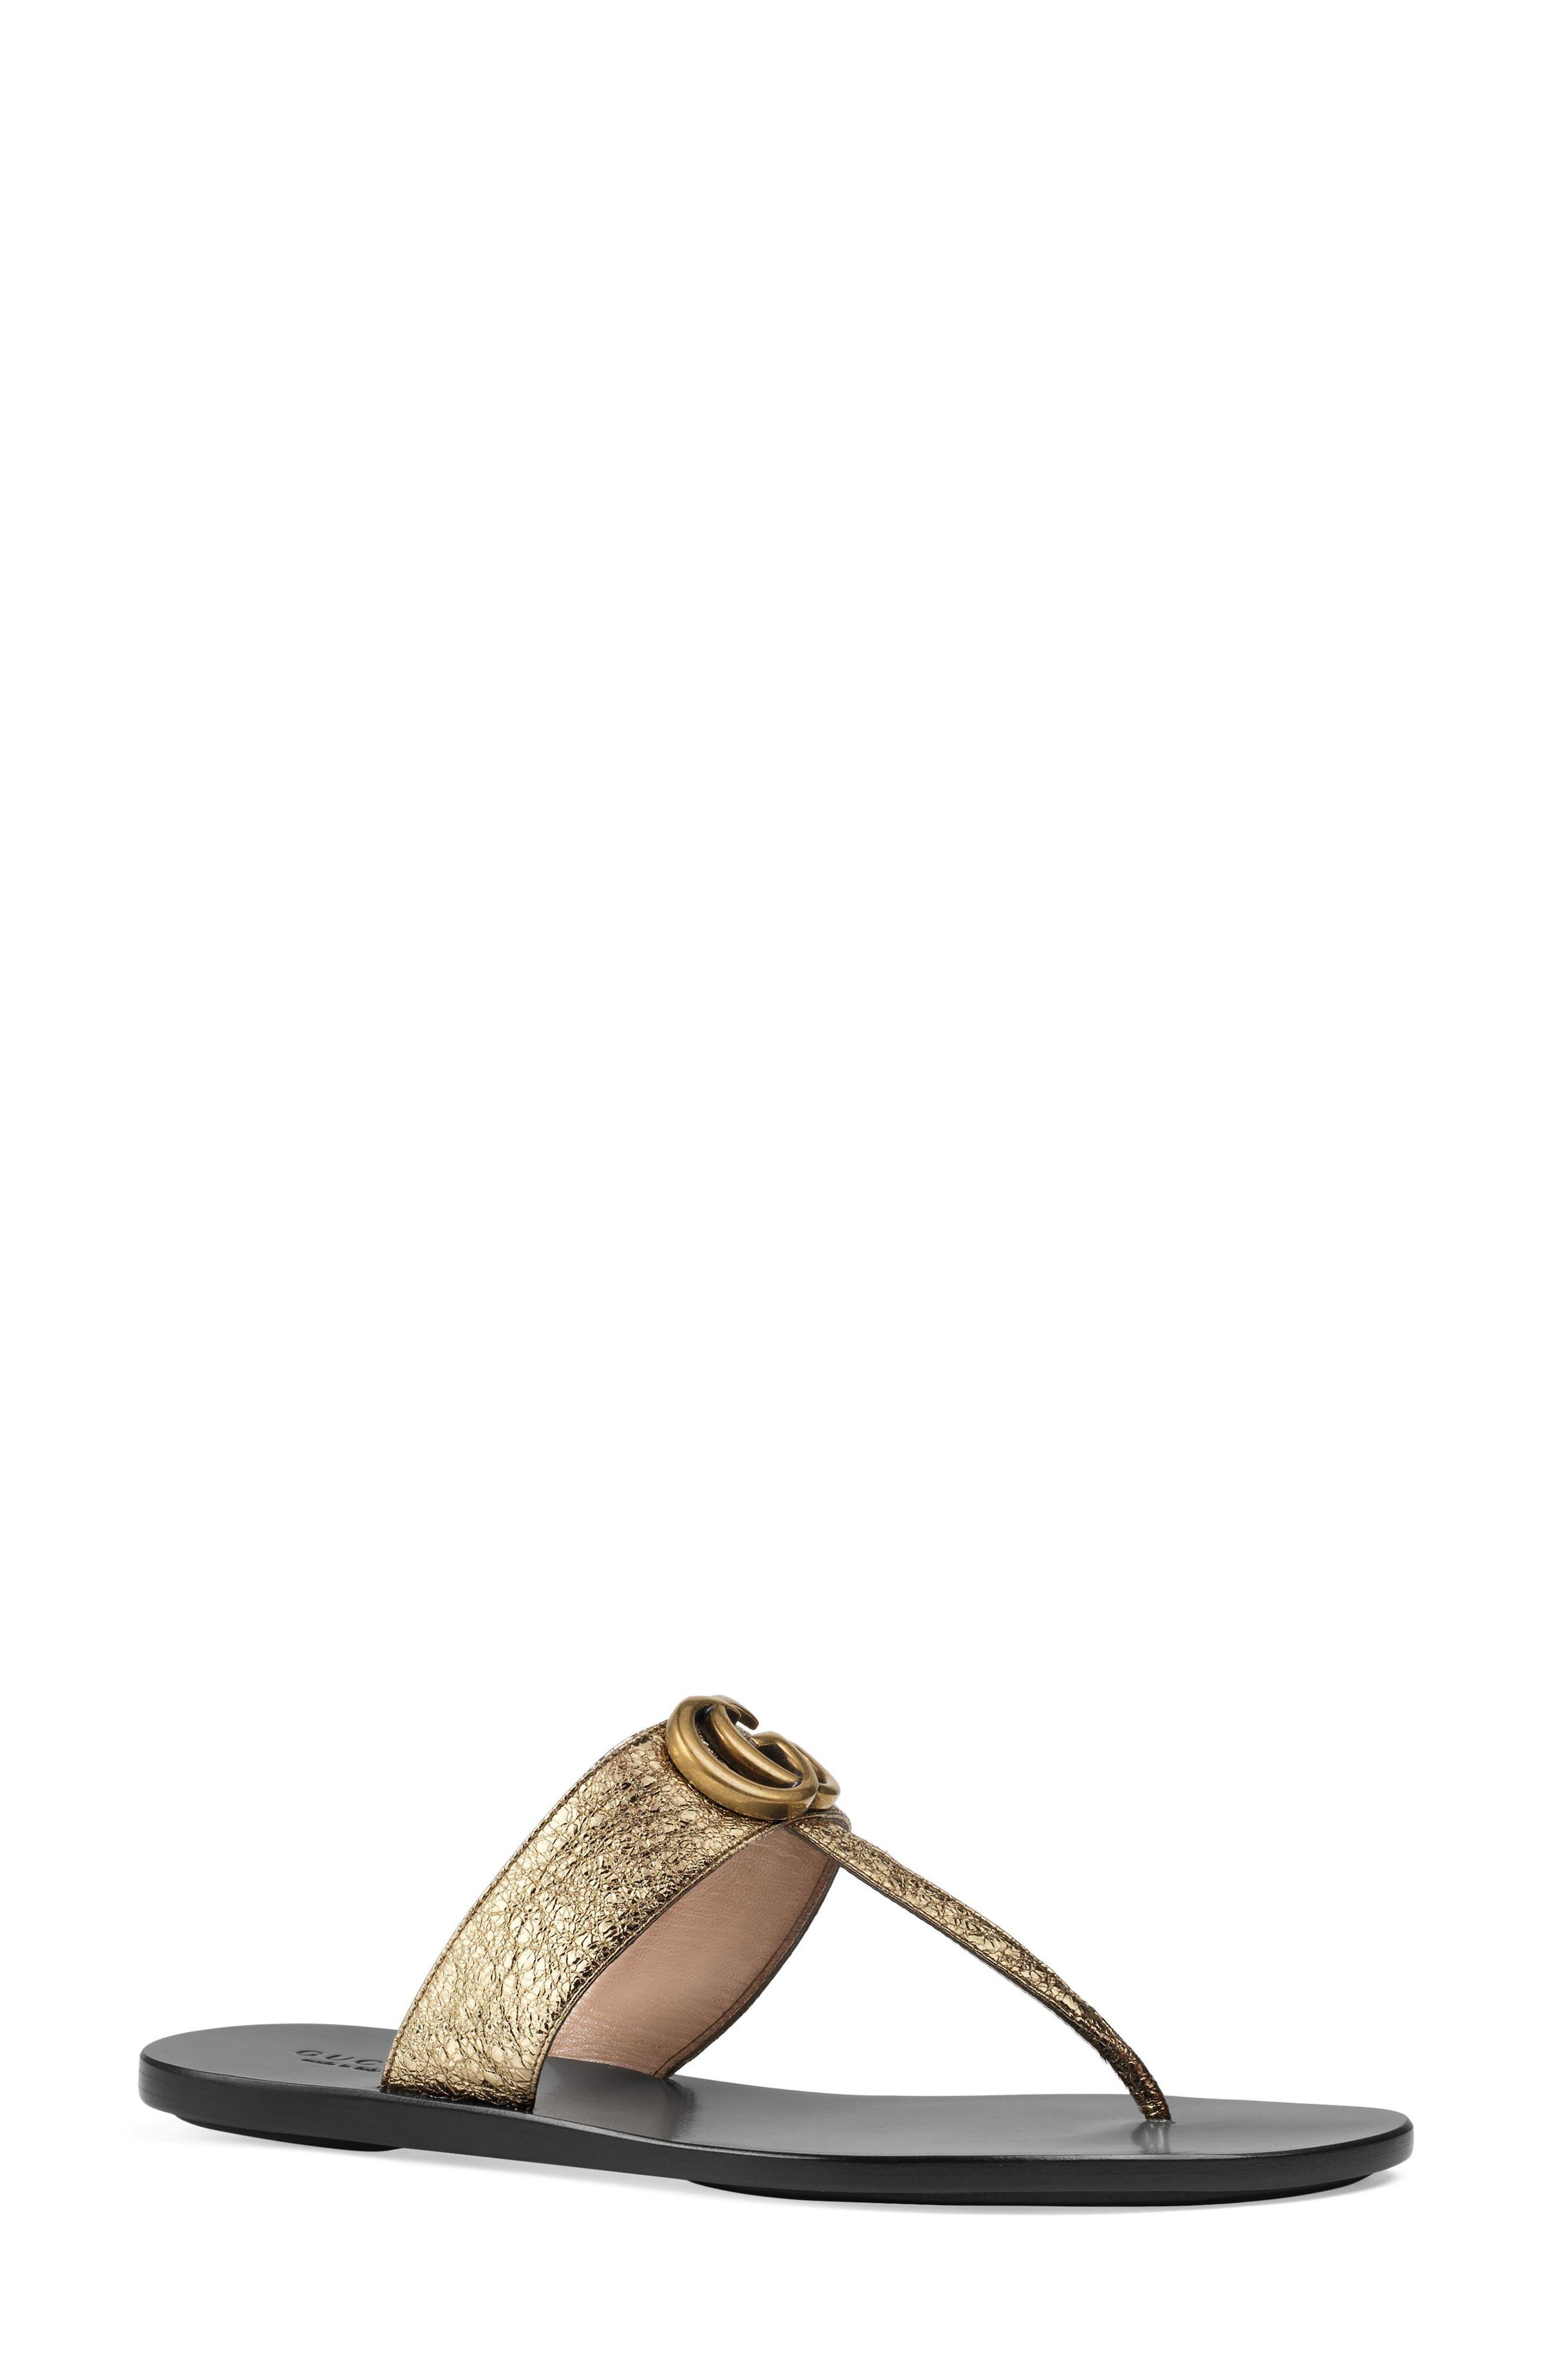 Women s Gucci Flip-Flops   Thong Sandals 6fdde01b1215